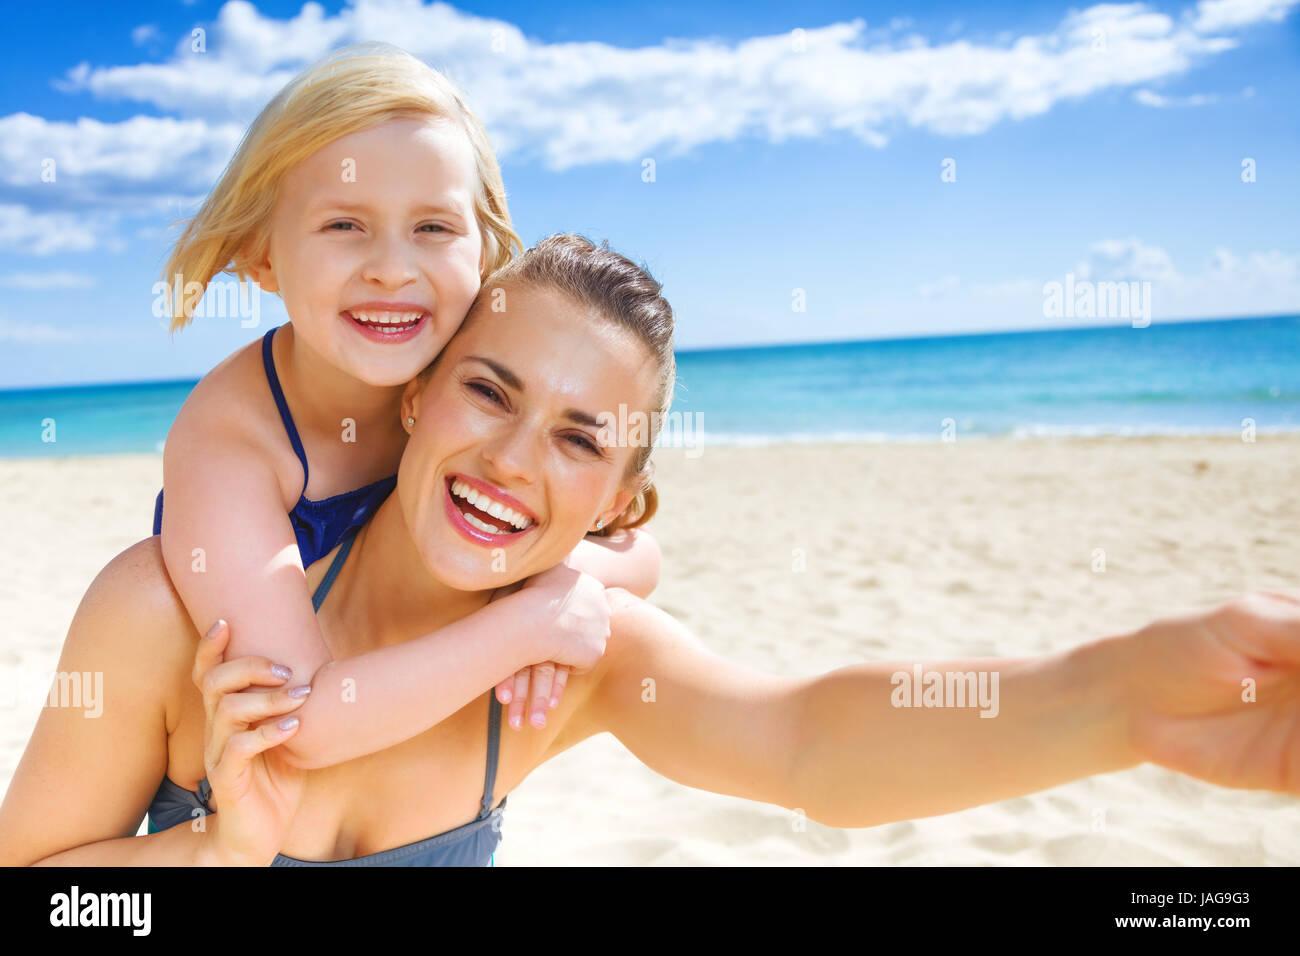 Costumi Da Bagno Per Bambino : Sun kissed bellezza. sorridente giovane madre e bambino in costume